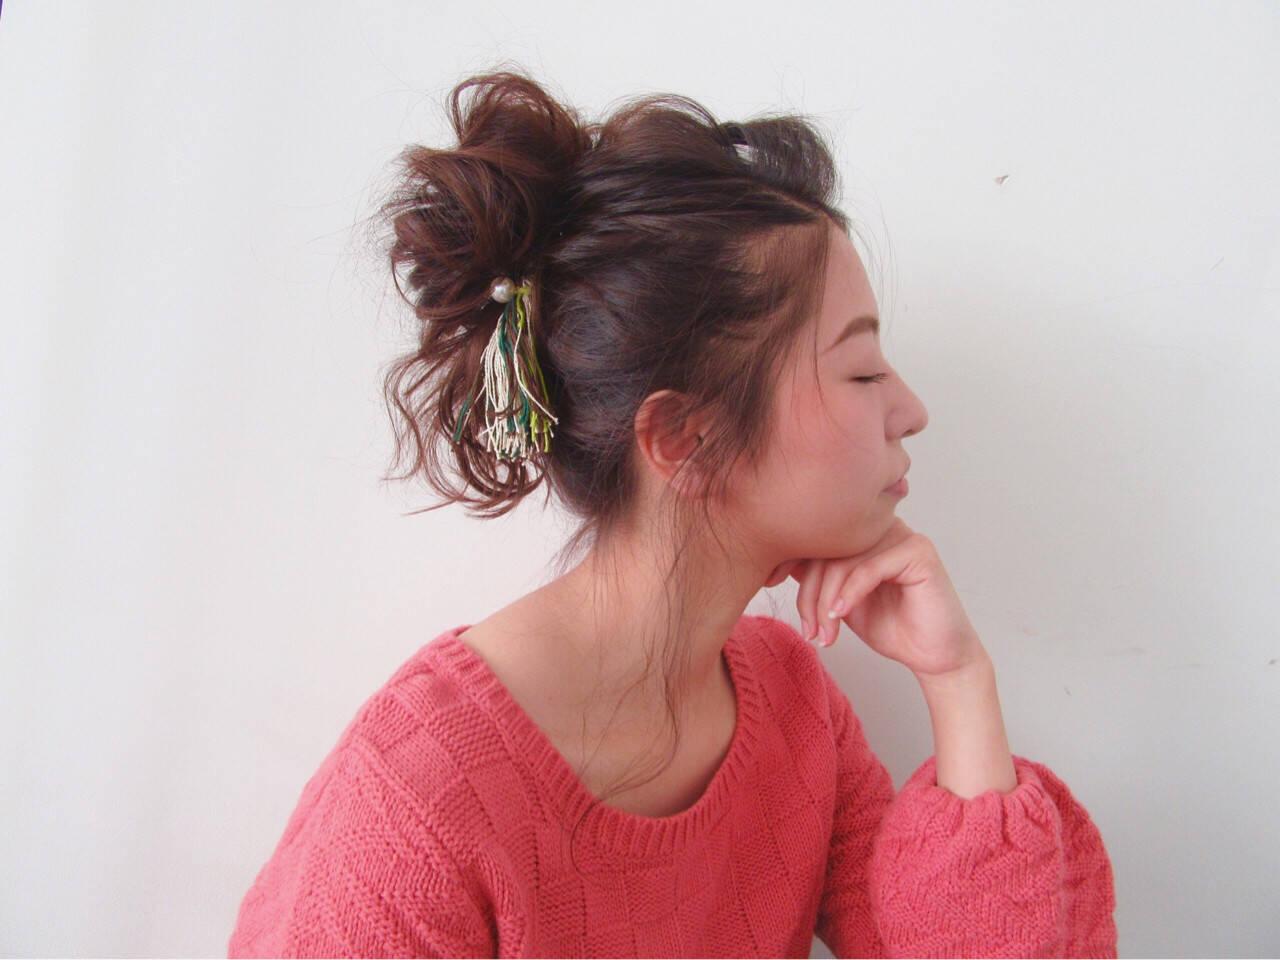 ナチュラル ポニーテール ヘアアレンジ セミロングヘアスタイルや髪型の写真・画像